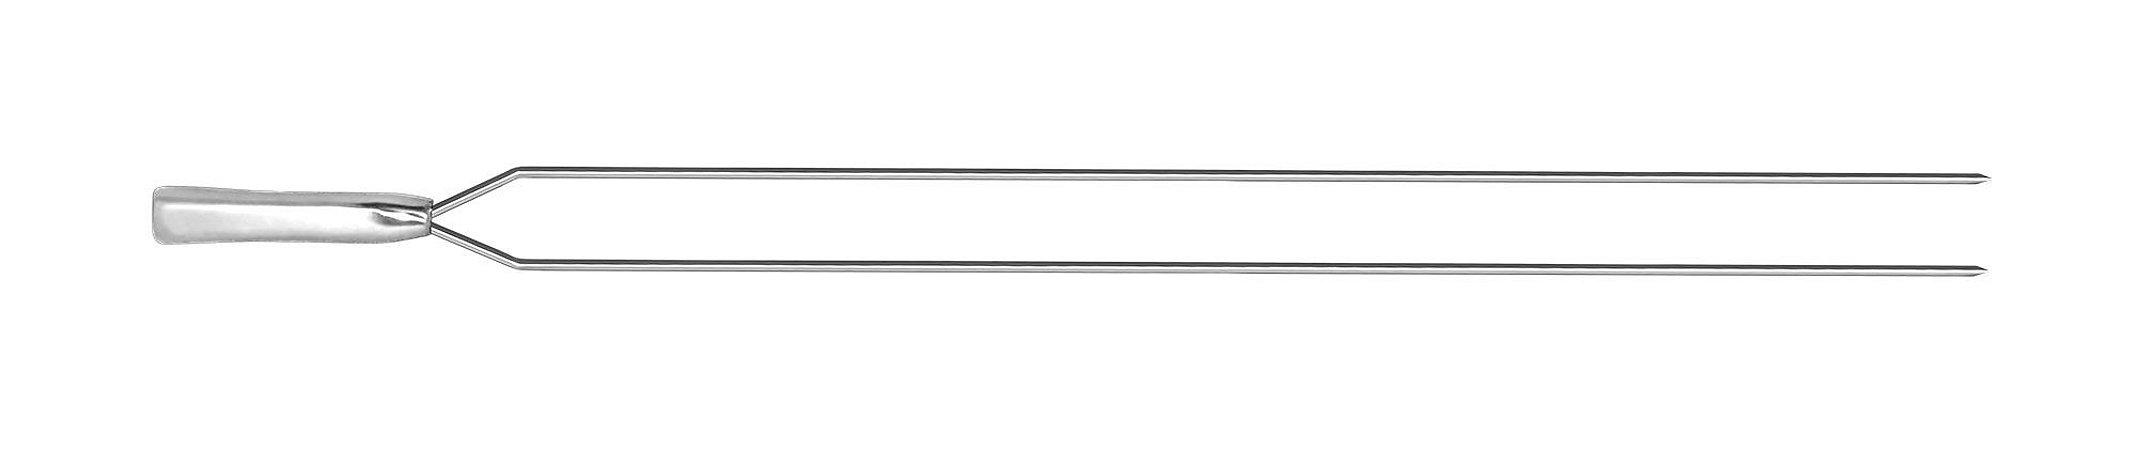 Espeto Inox Duplo Cabo Fundido 104cm x 6mm  (cabo 15cm)  -